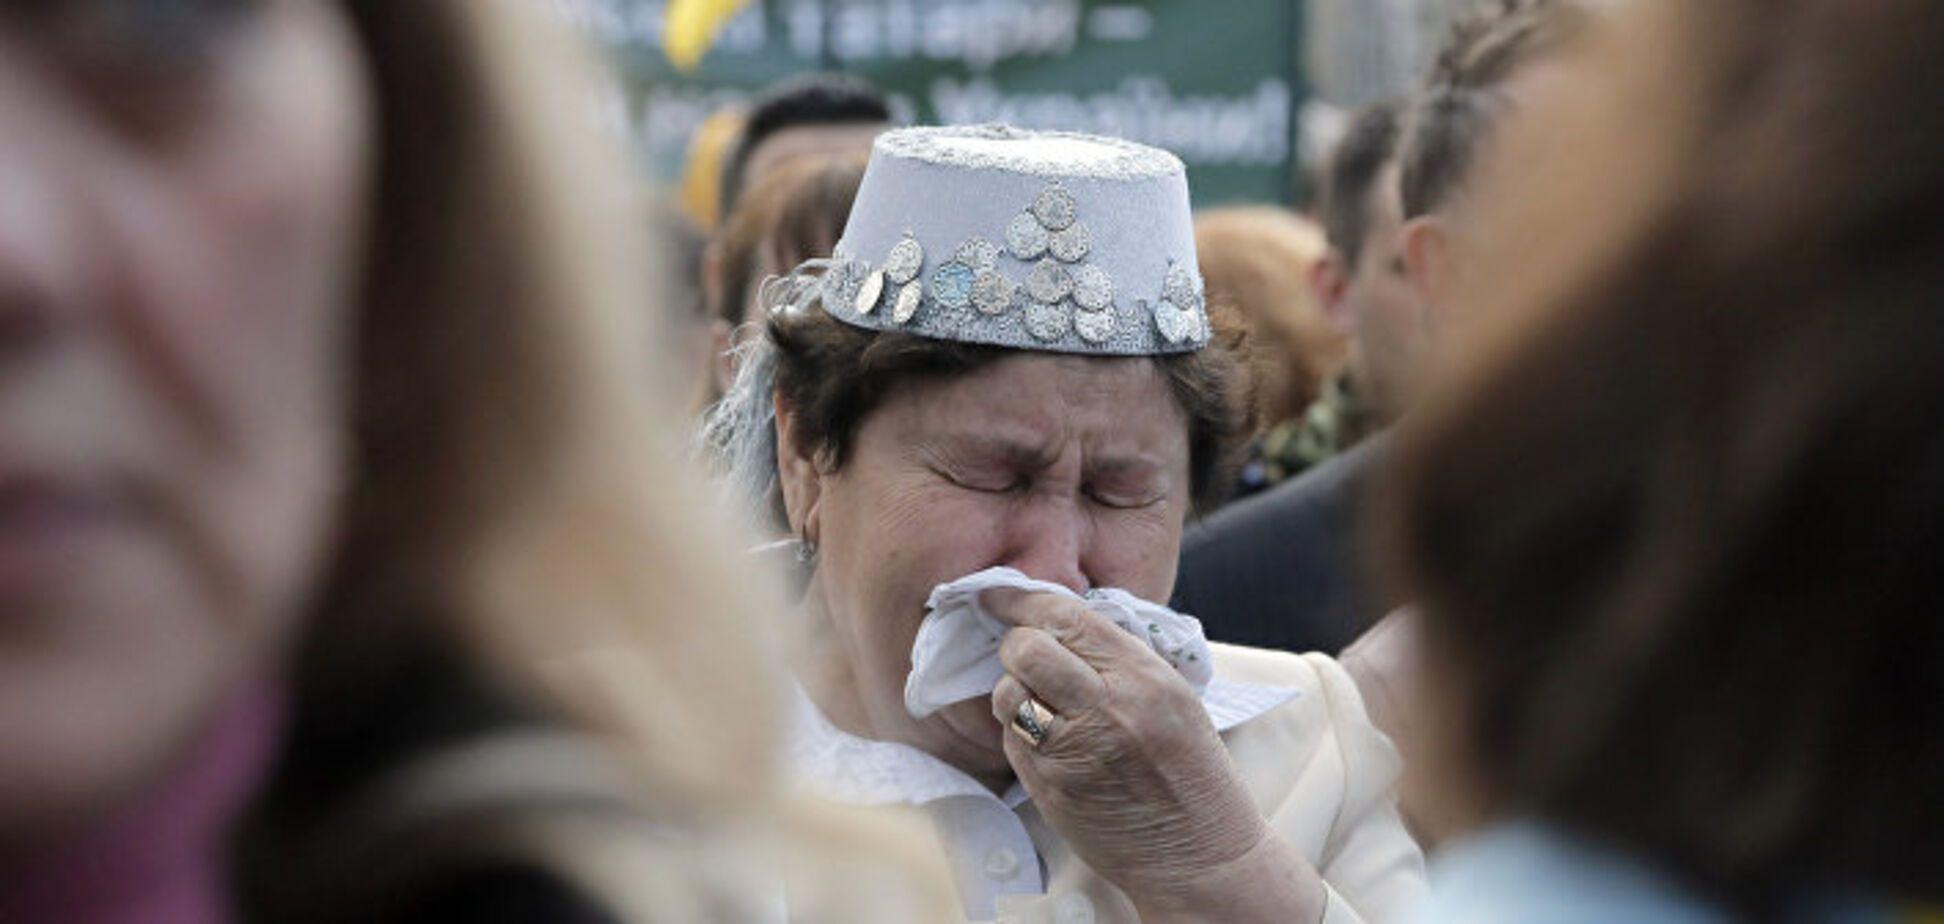 'Выкинули, отрезали и забыли': в сети показали крик отчаяния крымчан